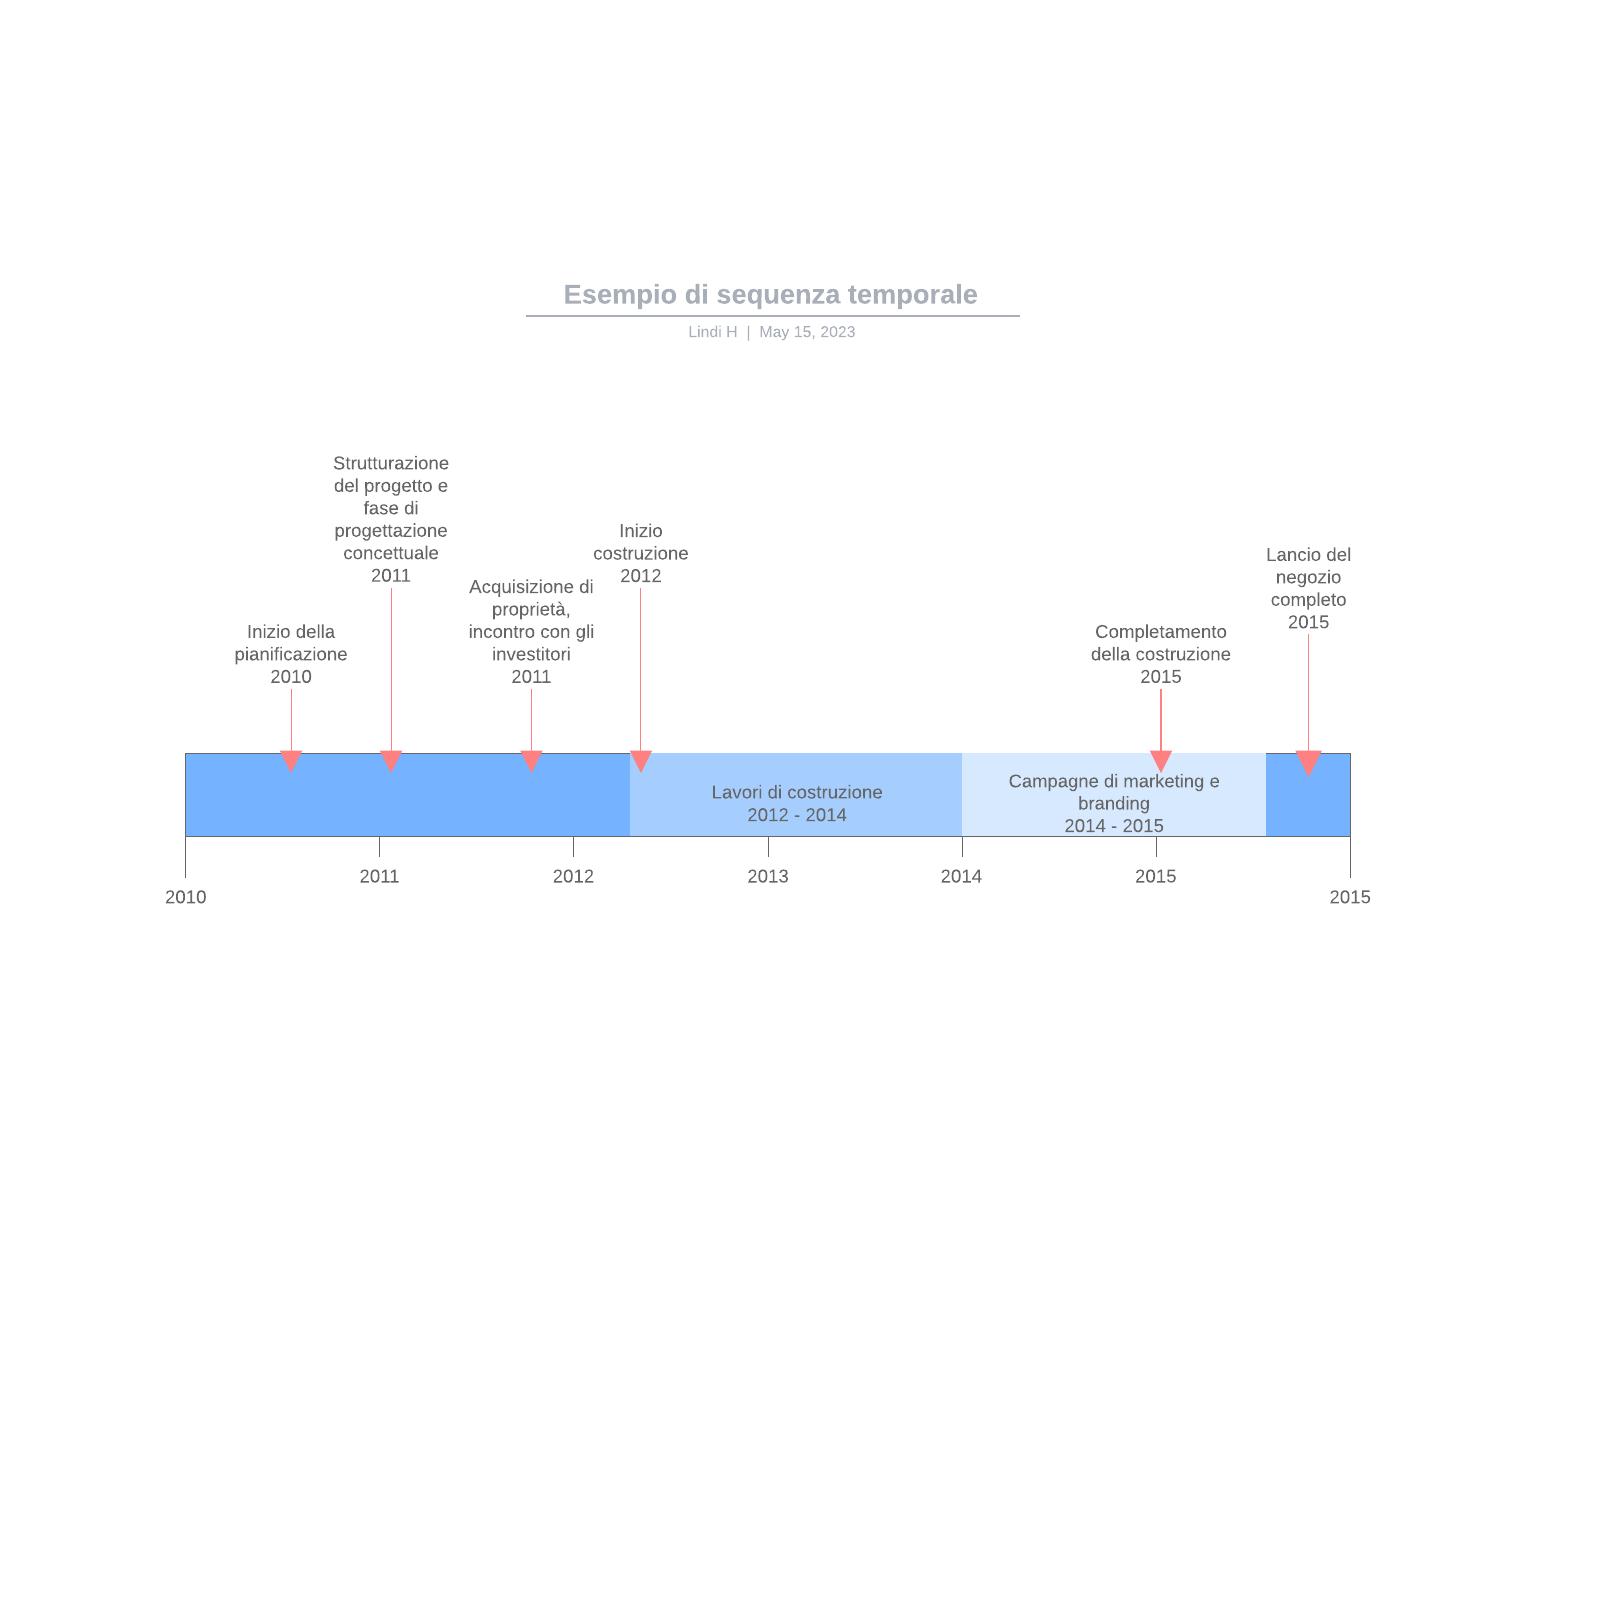 Esempio di sequenza temporale